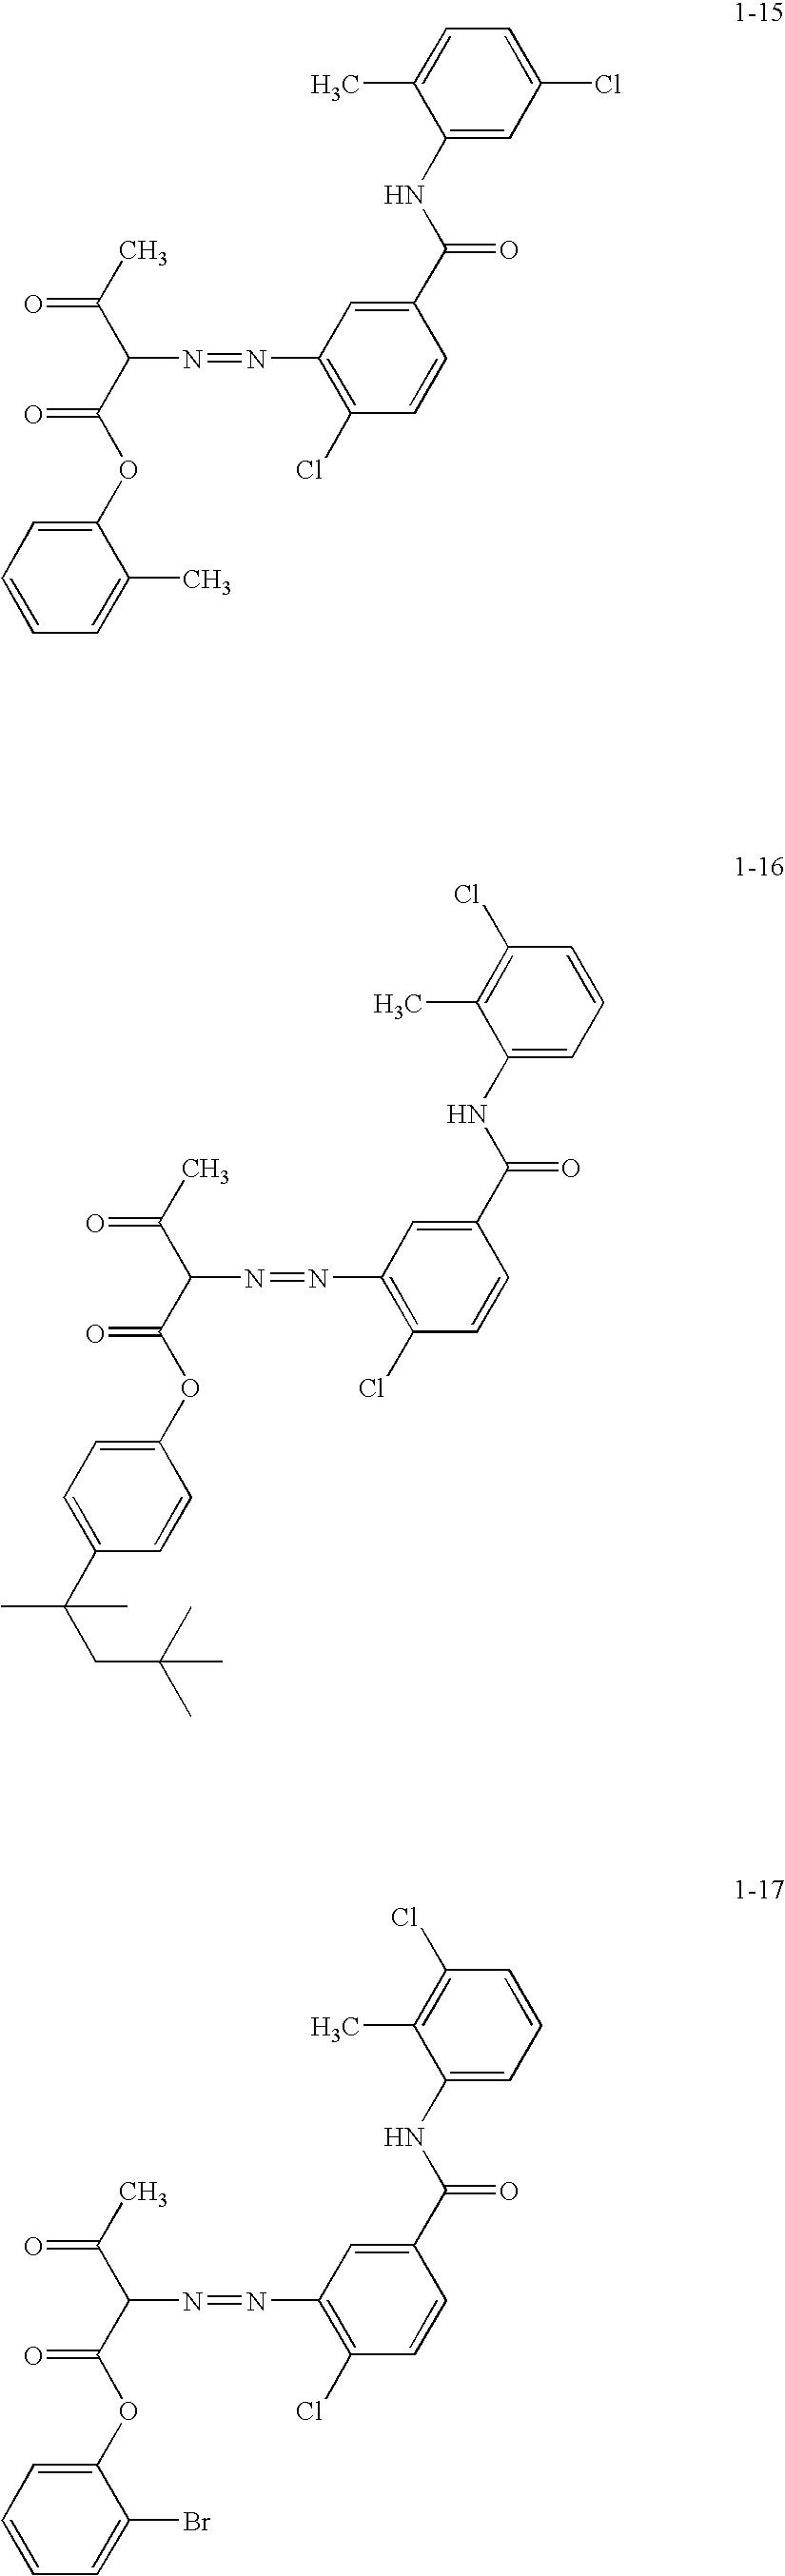 Figure US07160380-20070109-C00014